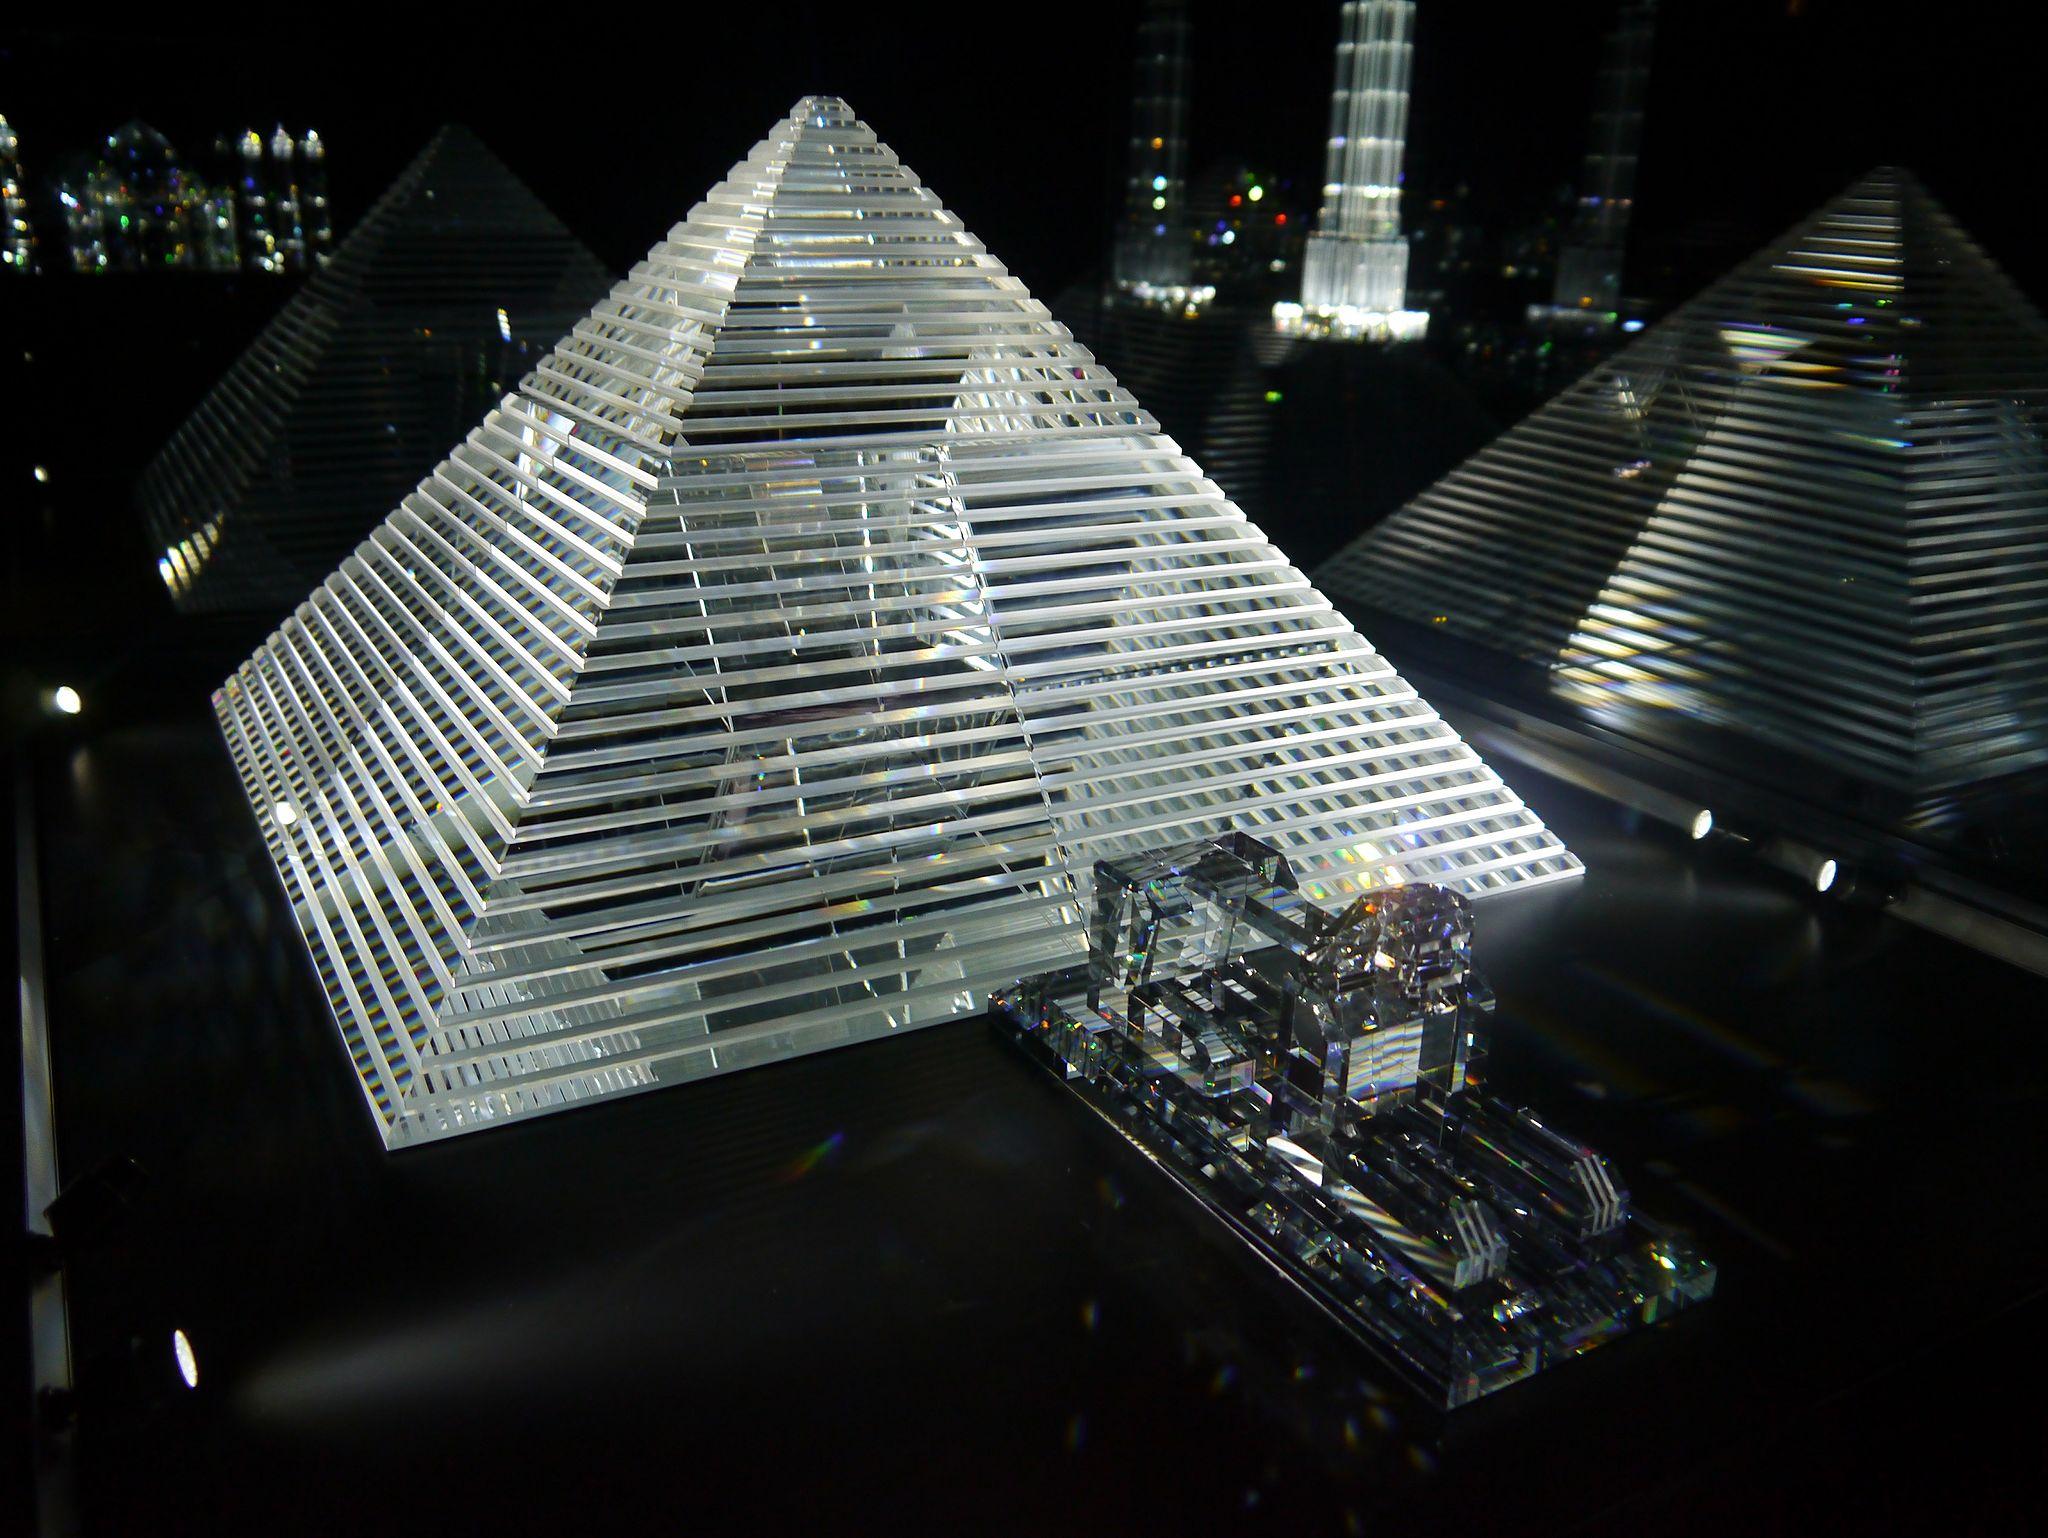 Swarovski Kristallwelten 25 Galerie